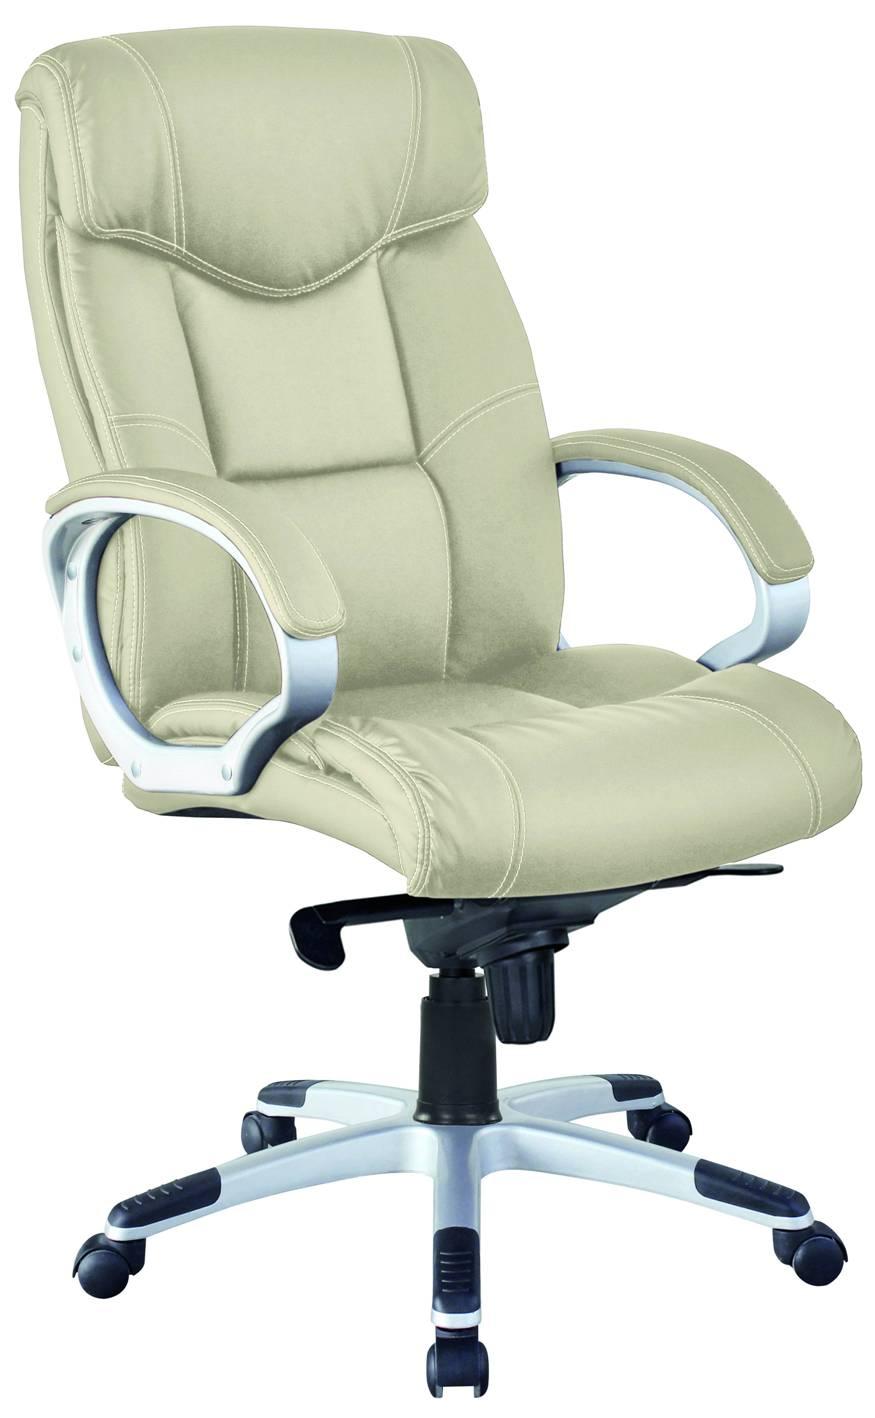 Кресло руководителя AlbertКомпьютерные кресла<br>размер: 53х54 В120/130<br><br>Подлокотники: Широкие подлокотники с мягкими кожаными накладками обеспечивают комфортную опору для предплечий.<br>Полный размер: 53х54 В120/130<br>Высота сиденья (см): 40/50<br>Вес товара (кг): 19<br>Цвет: Черный, Беж, Бордо<br>Максимальная нагрузка: 250 кг<br>Изготовление и доставка: 2-3 дня<br>Размер упаковки: 35х75х65<br>Условия доставки: Бесплатная по Москве до подъезда<br>Условие оплаты: Оплата наличными при получении товара<br>Гарантия: 24 месяца<br>Производитель: Good Kresla